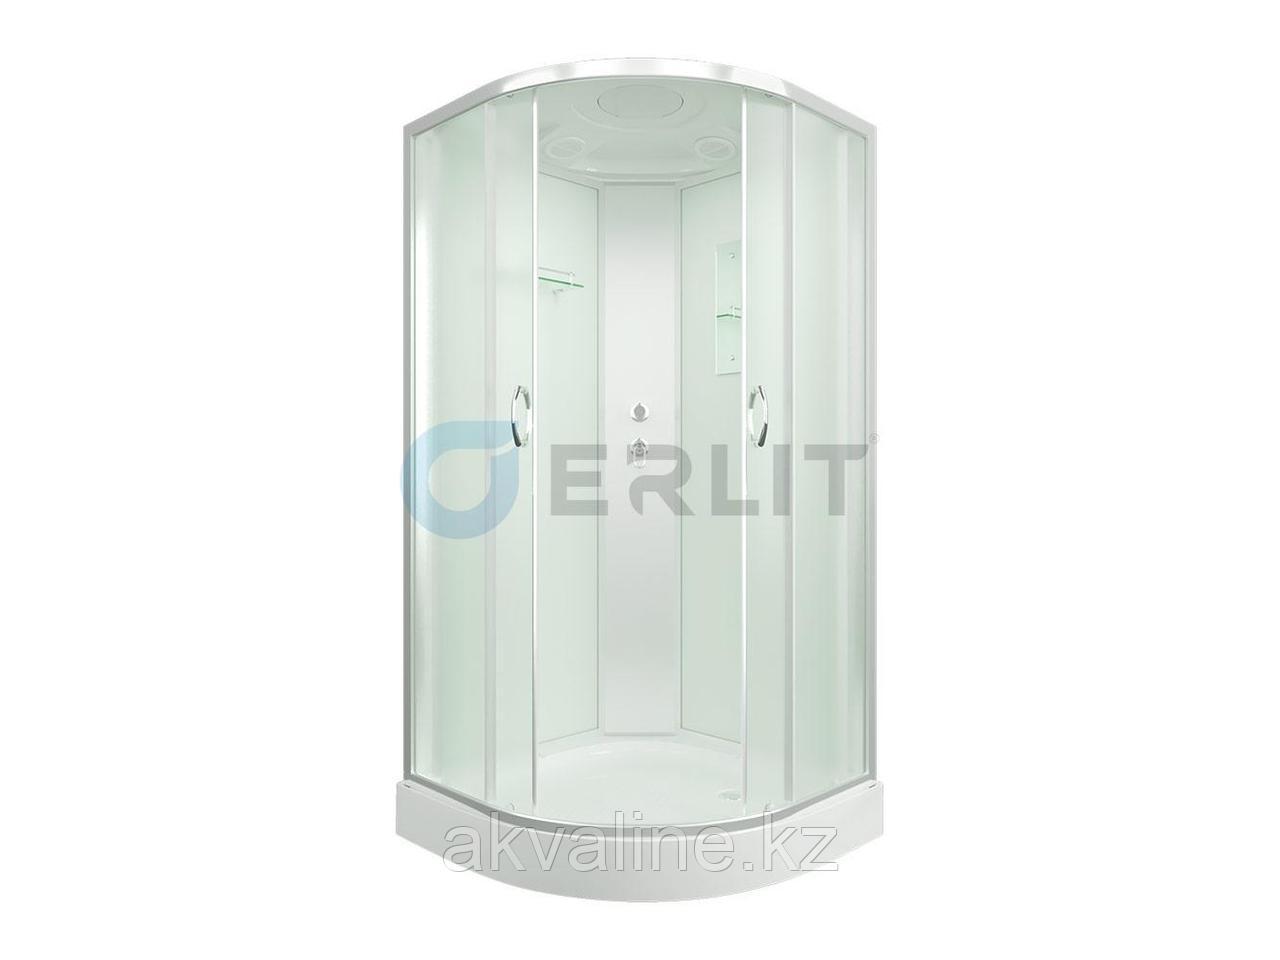 Душевая кабина Erlit ER3508 Р С3